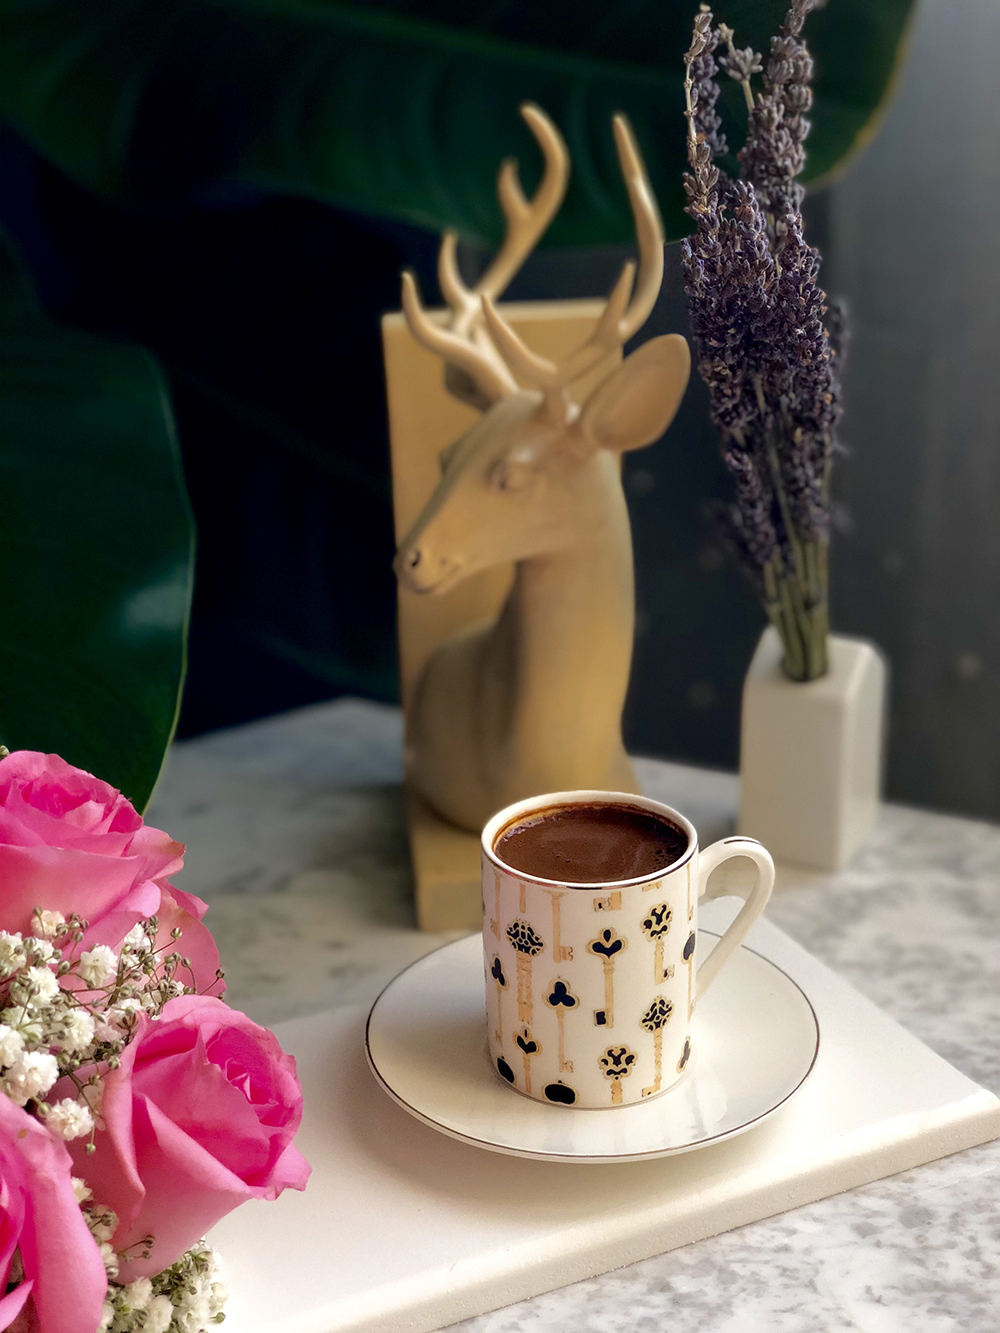 فنجان قهوة هدايا